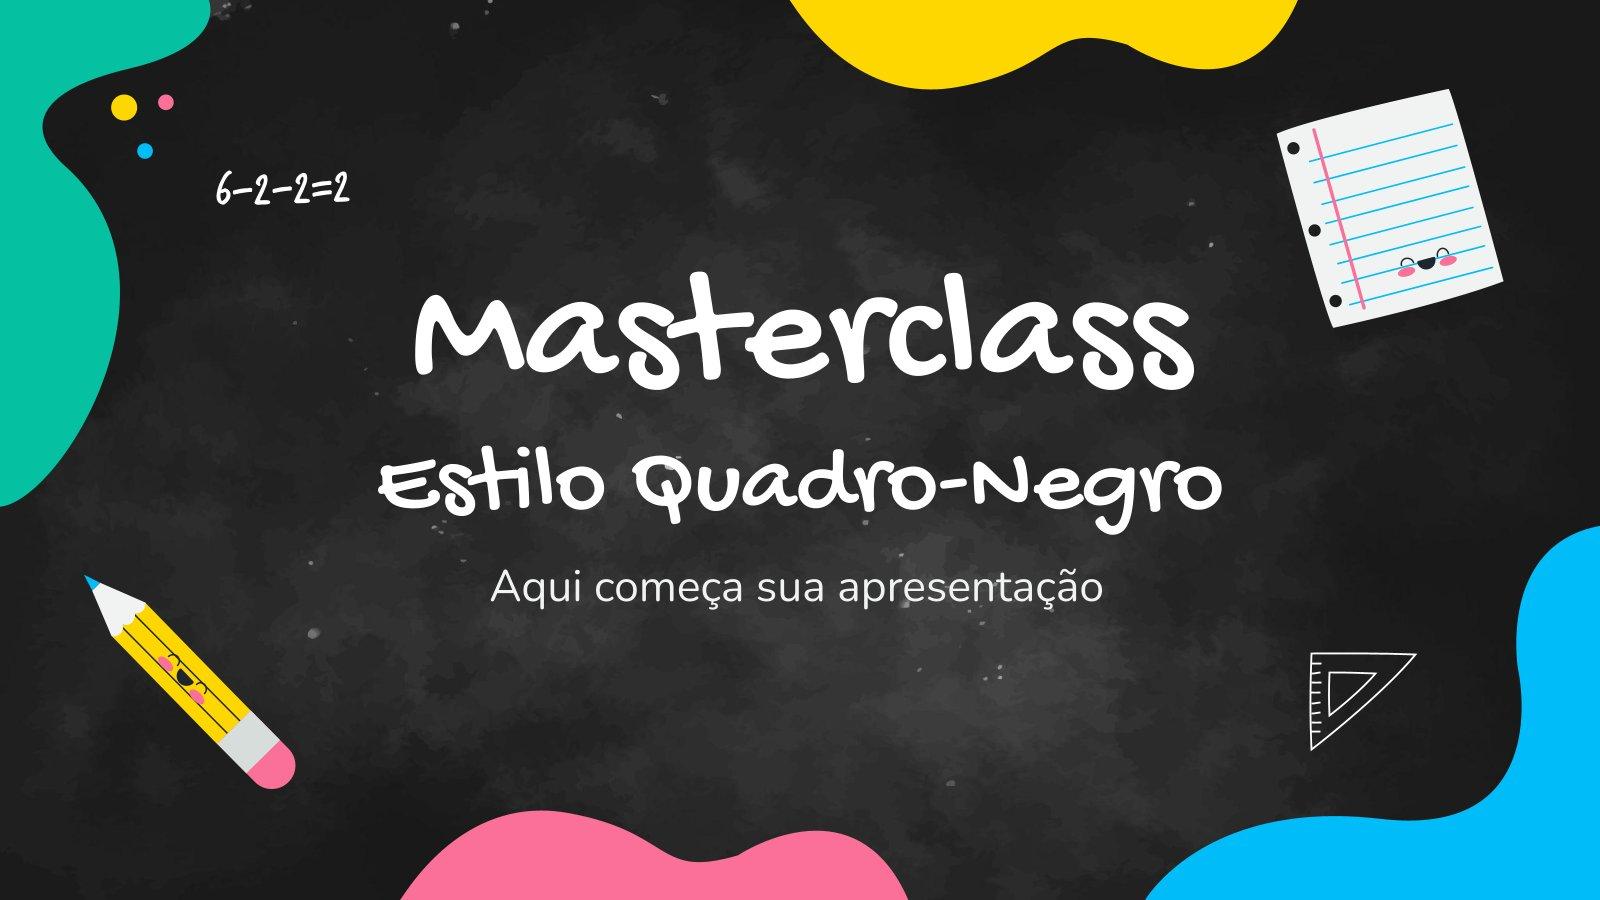 Modelo de apresentação Masterclass estilo quadro-negro